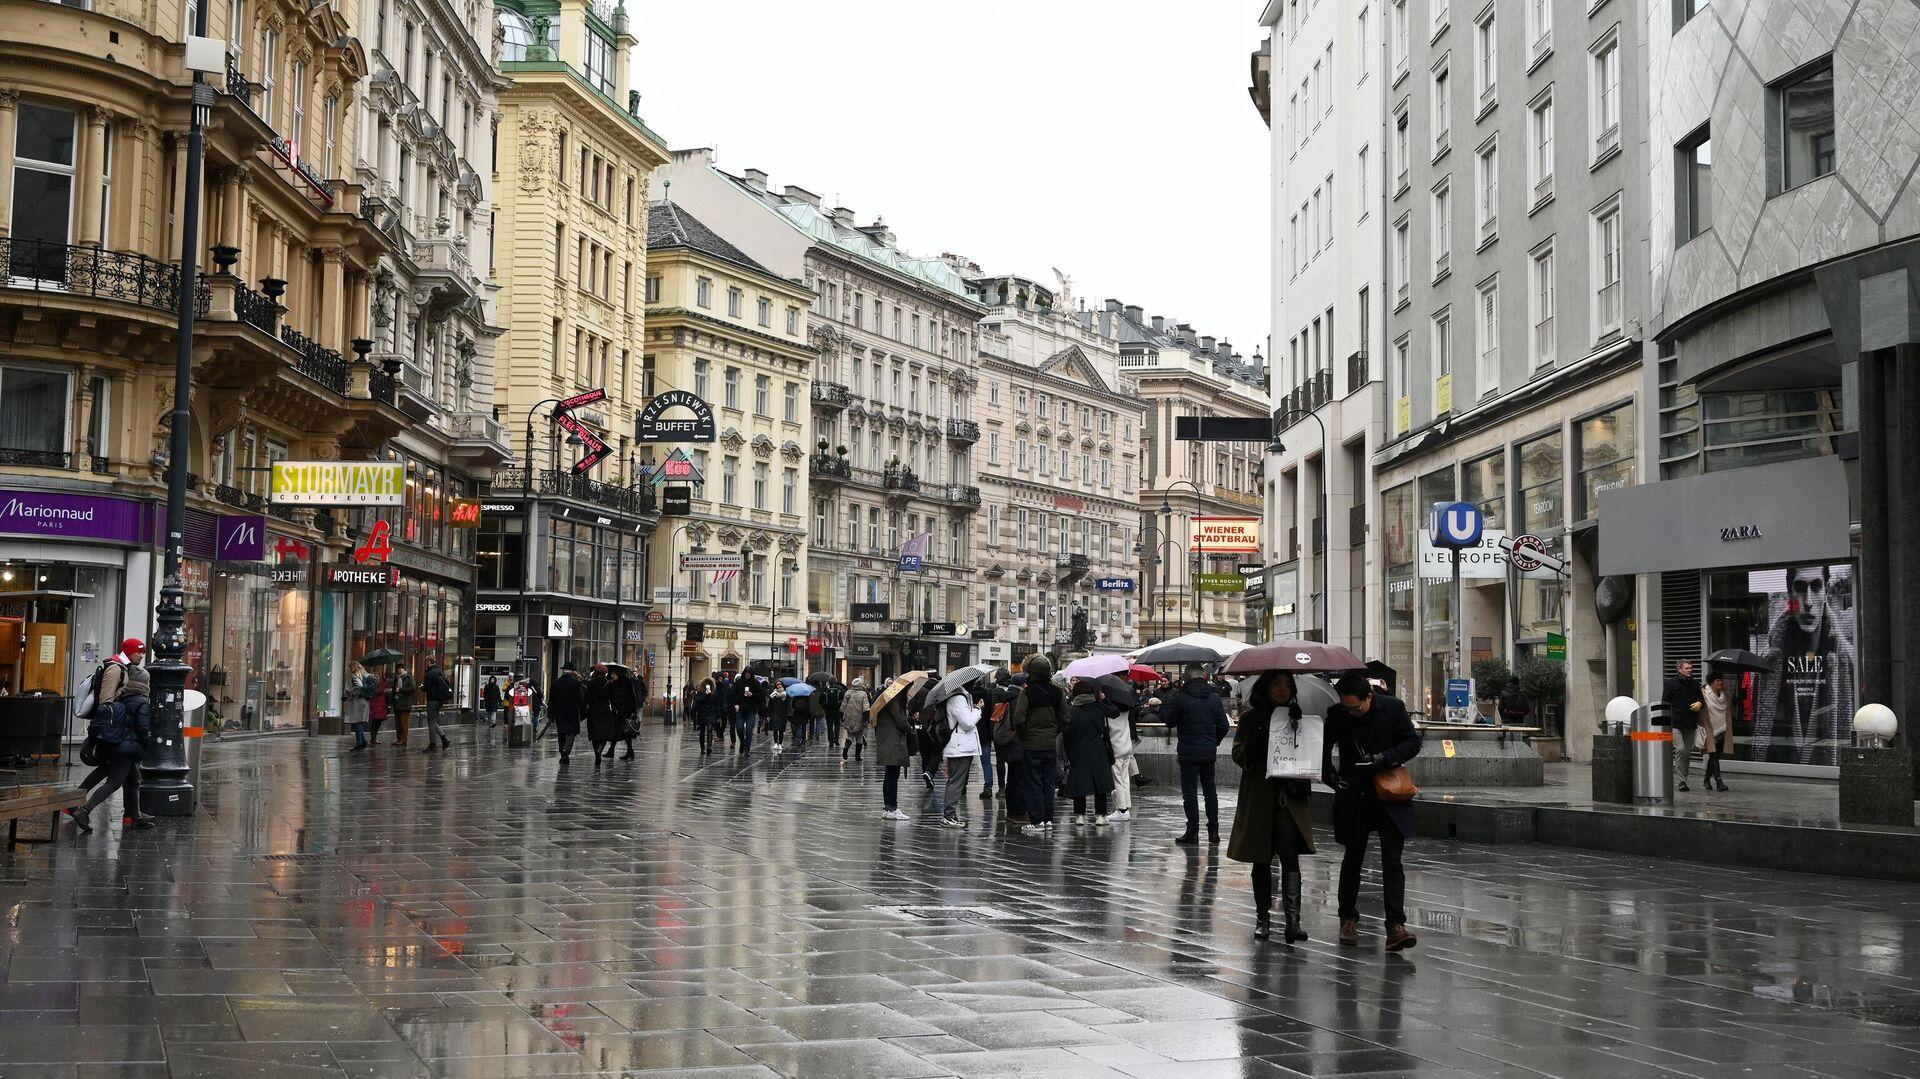 Прохожие на улице Кертнерштрассе в Вене - РИА Новости, 1920, 25.02.2021